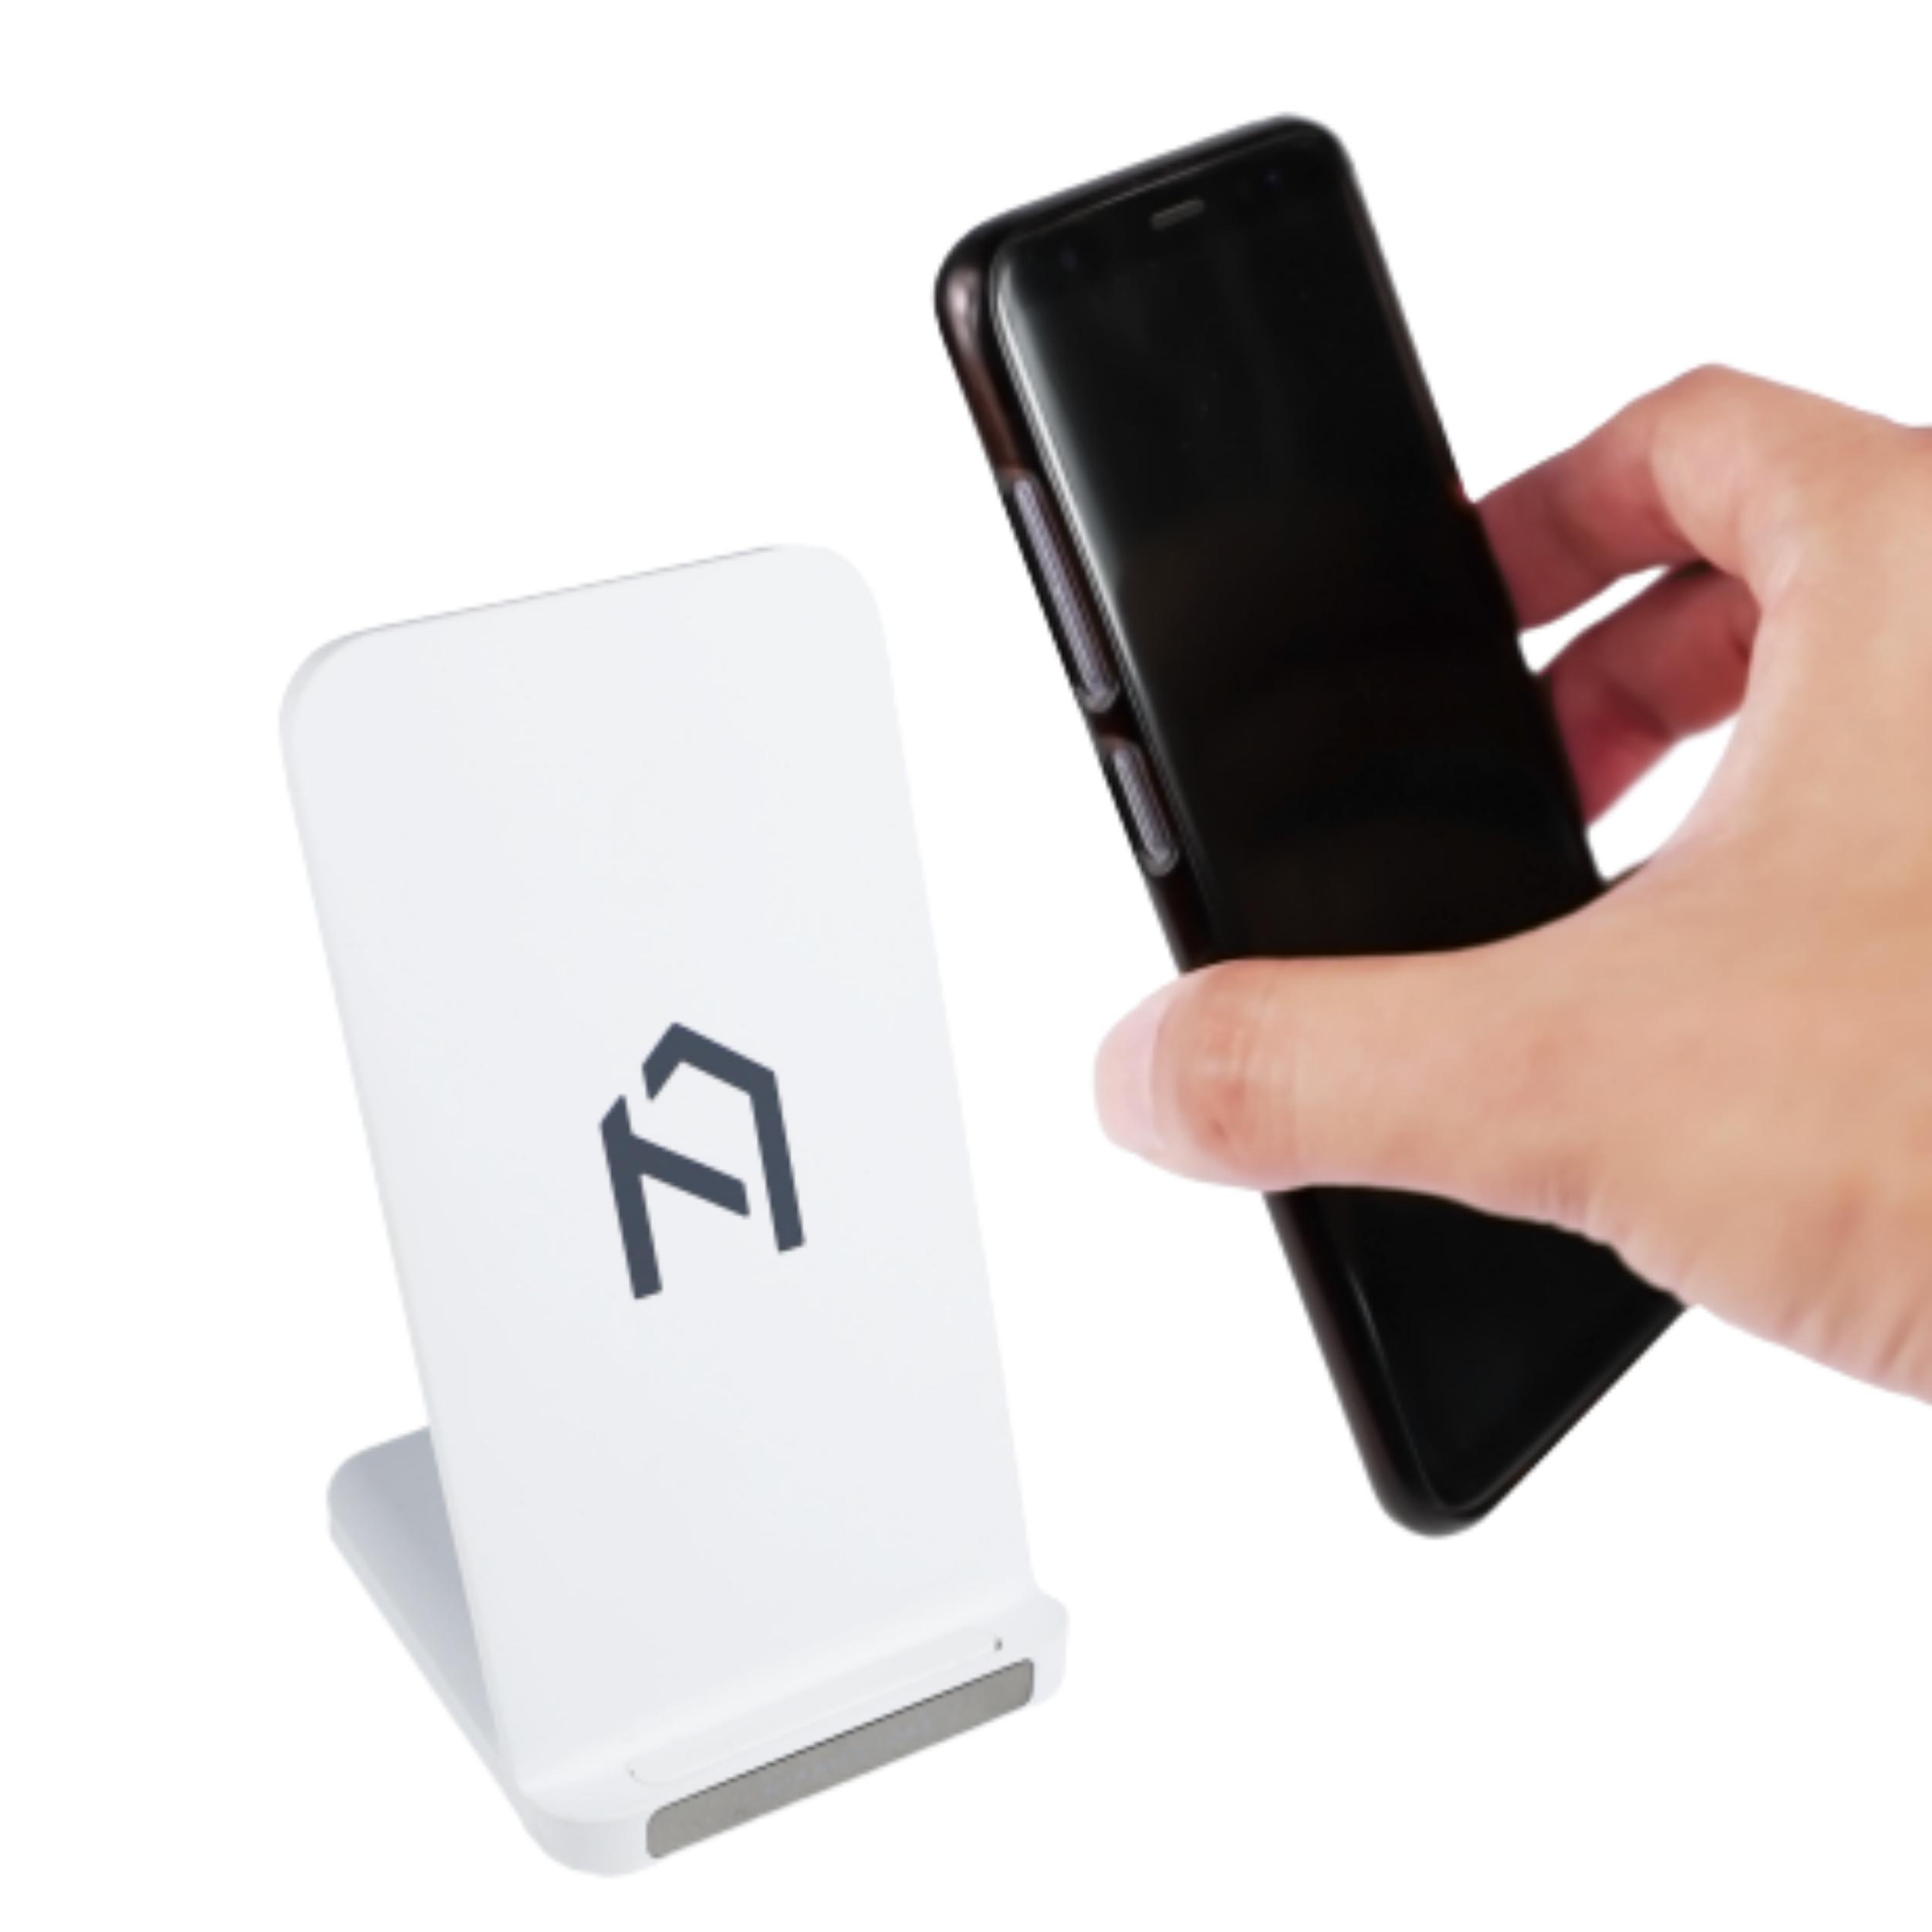 필링홈 퀵플 듀얼코일 스마트폰 15W 고속무선충전기, 화이트, 1개